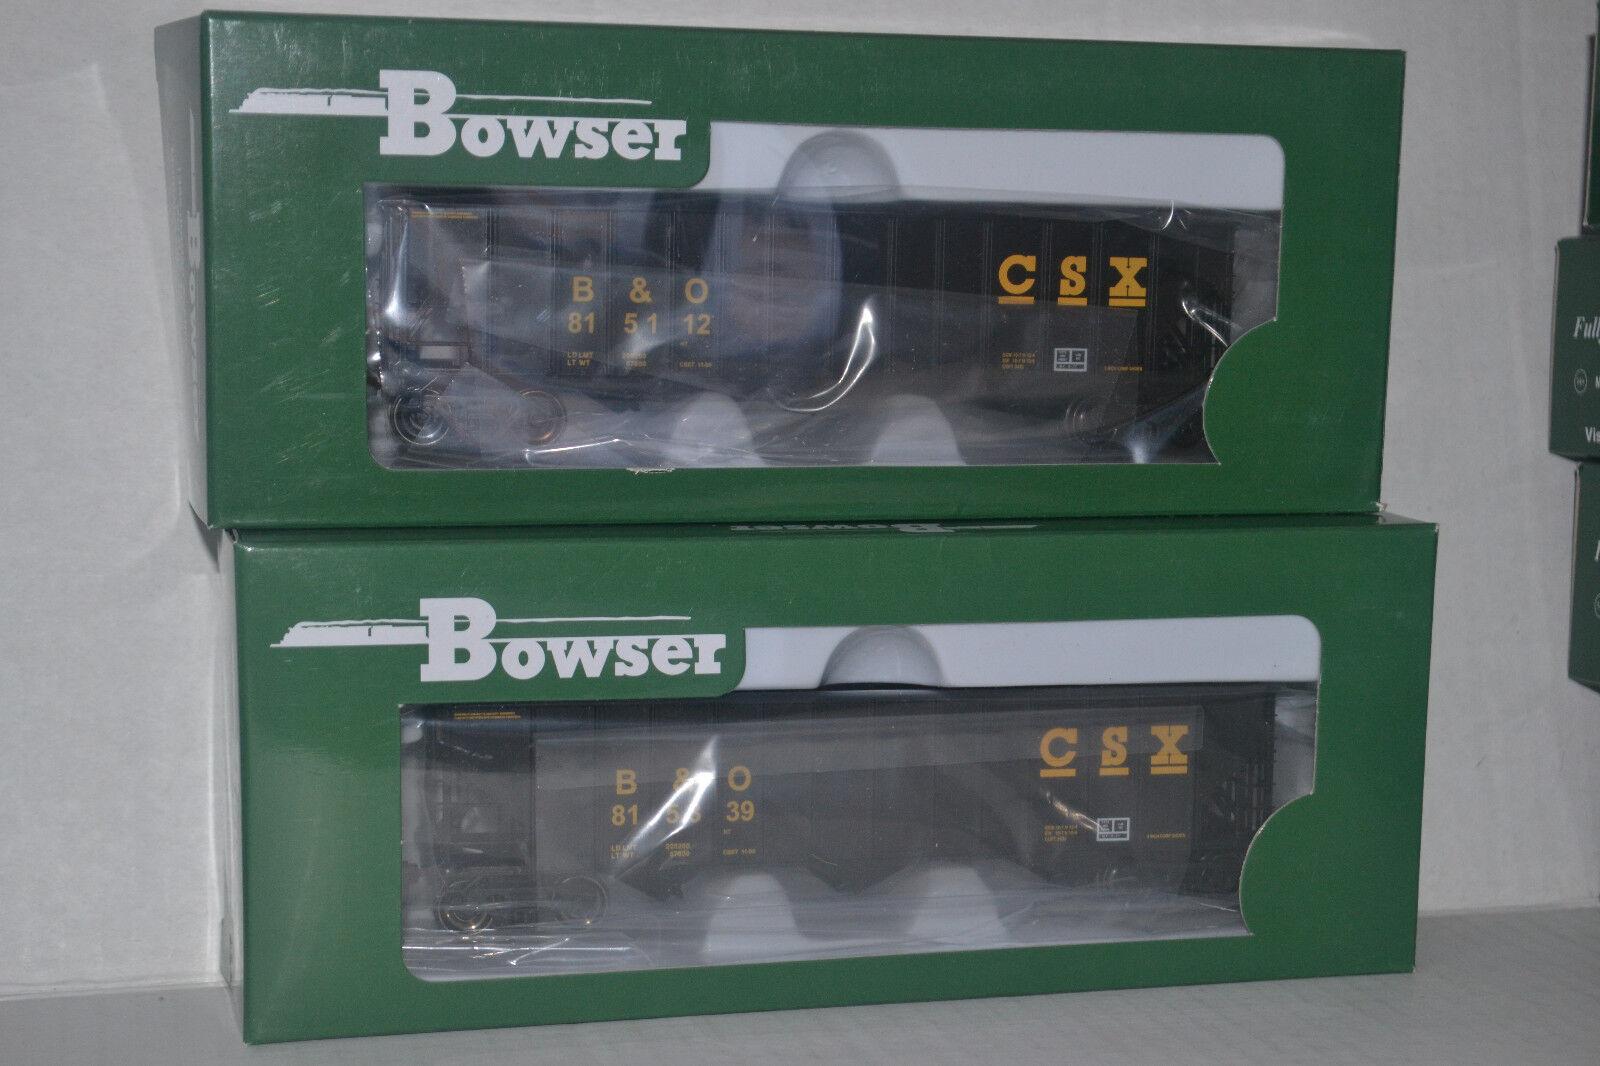 Bowser CSX B&O 100t hopper Ho Scale 41162, 41163